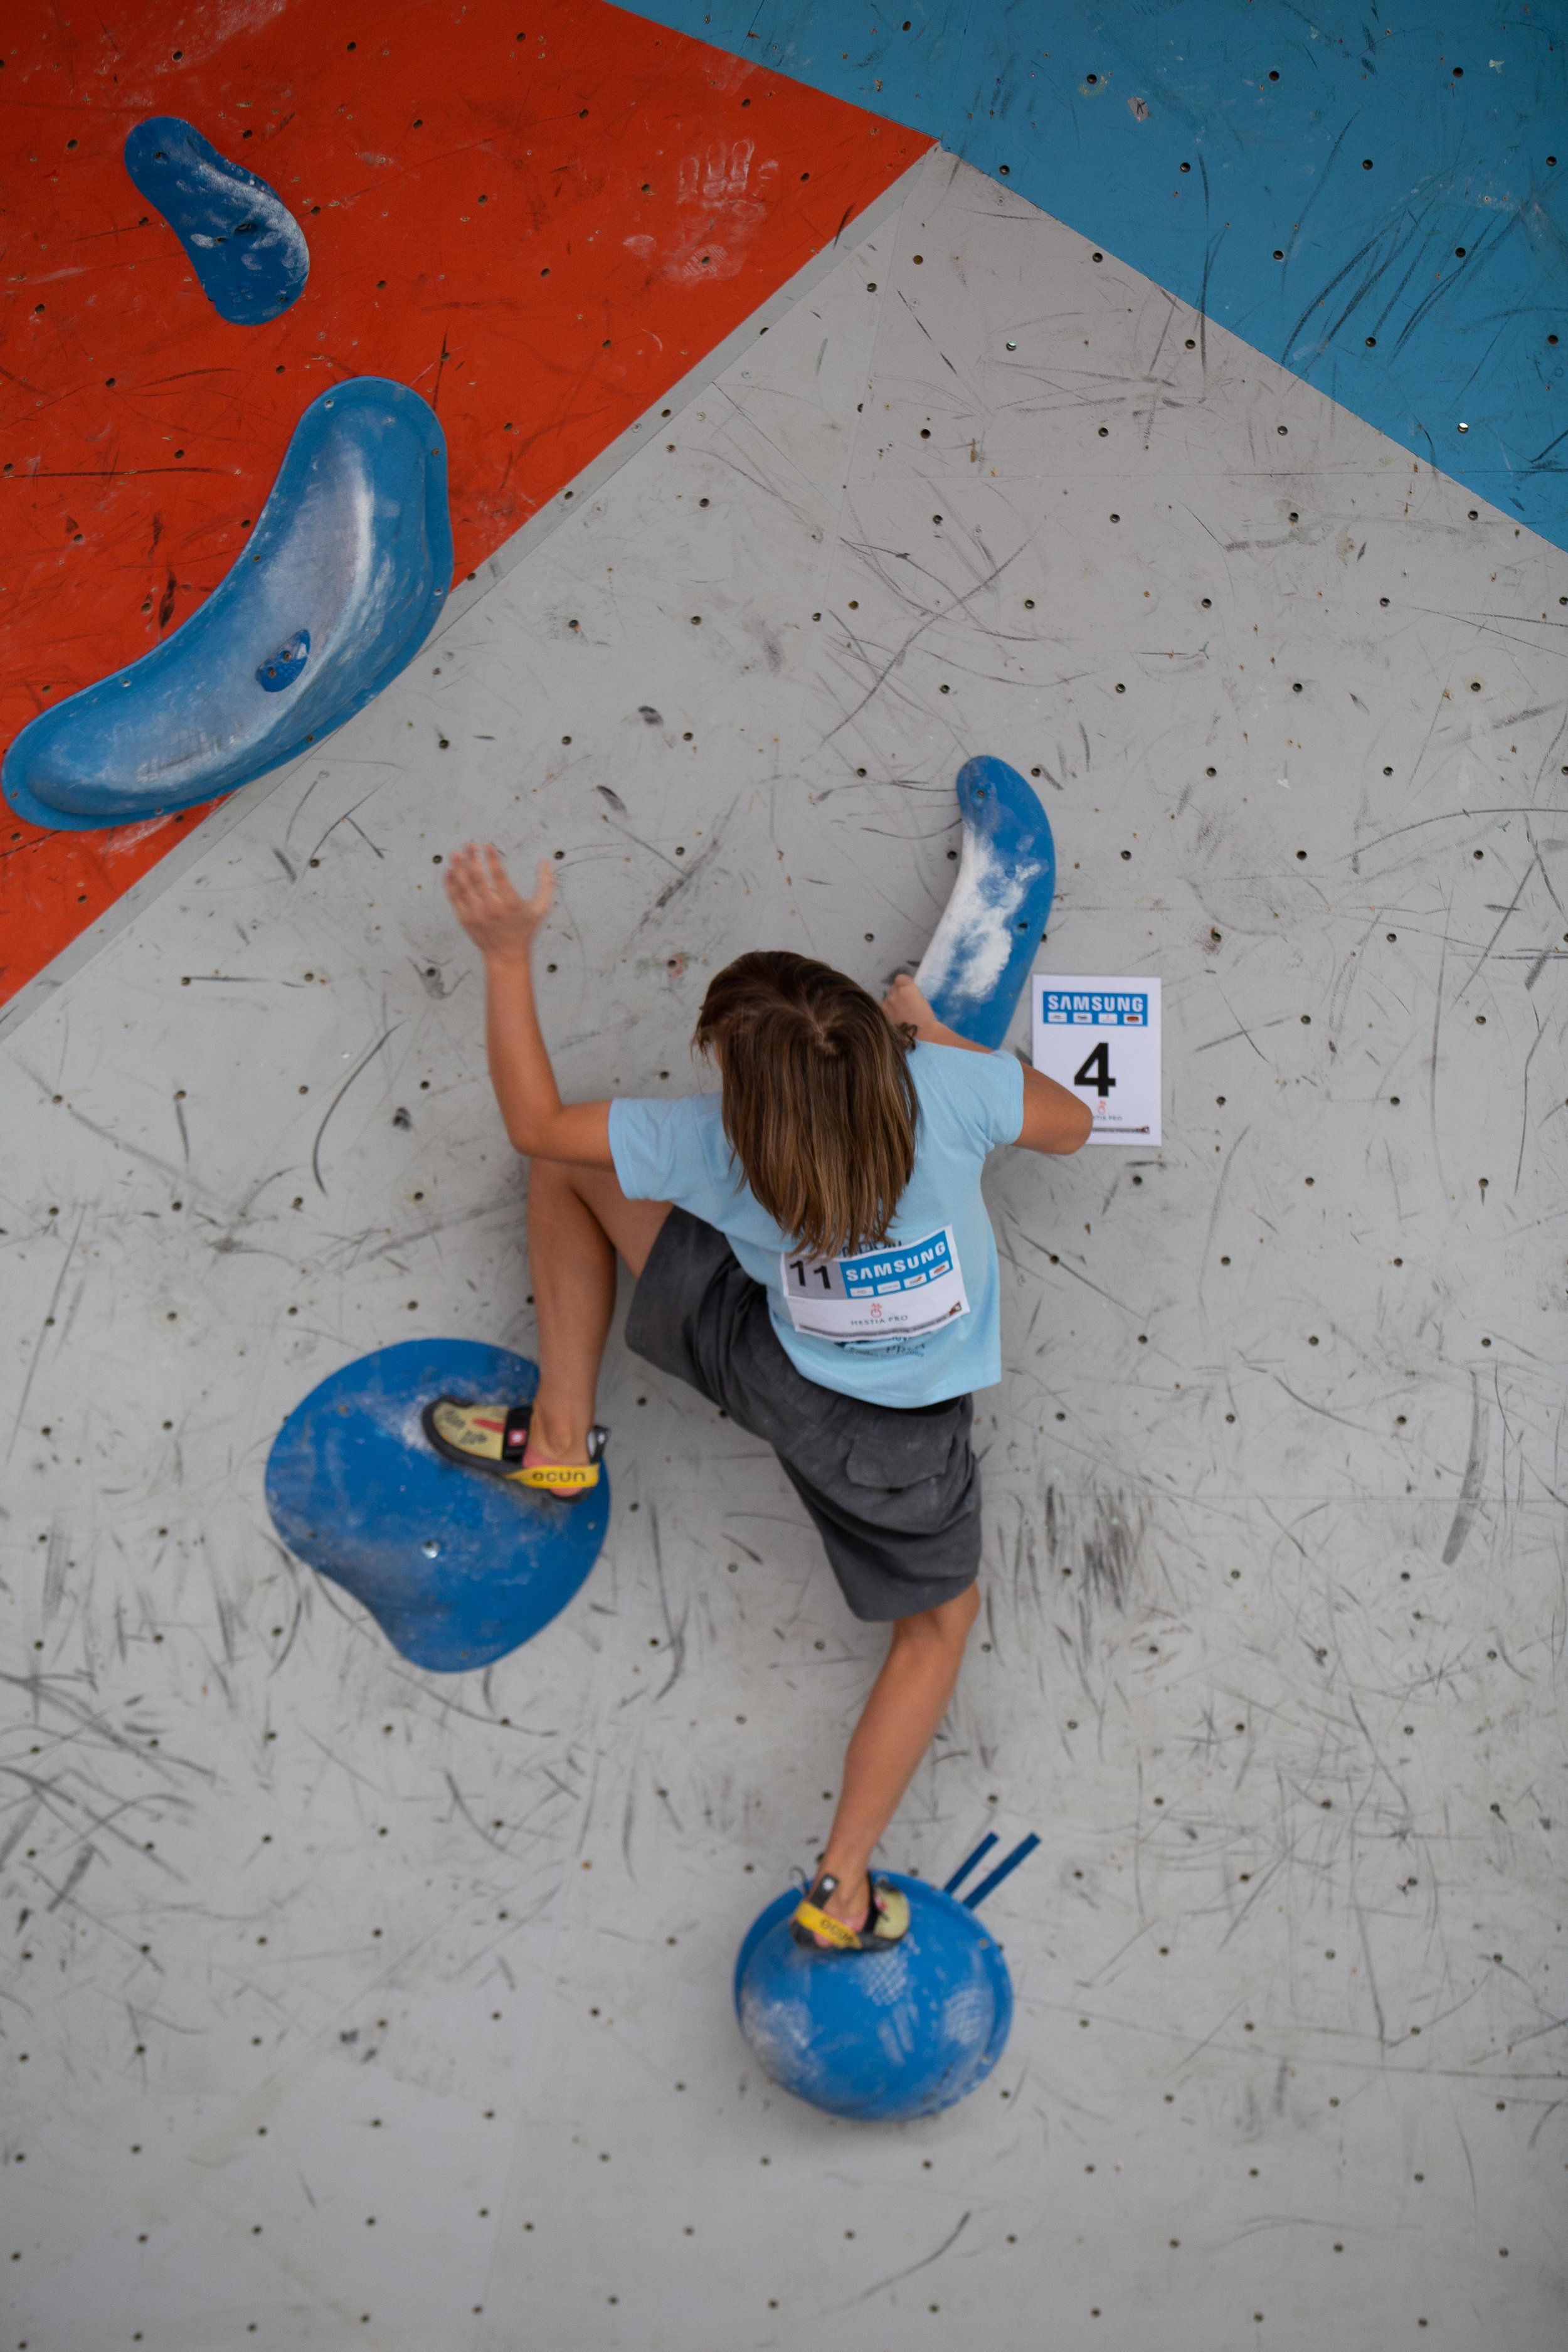 Plezalno društvo Grif državno prvenstvo balvani september 2019_4.jpg